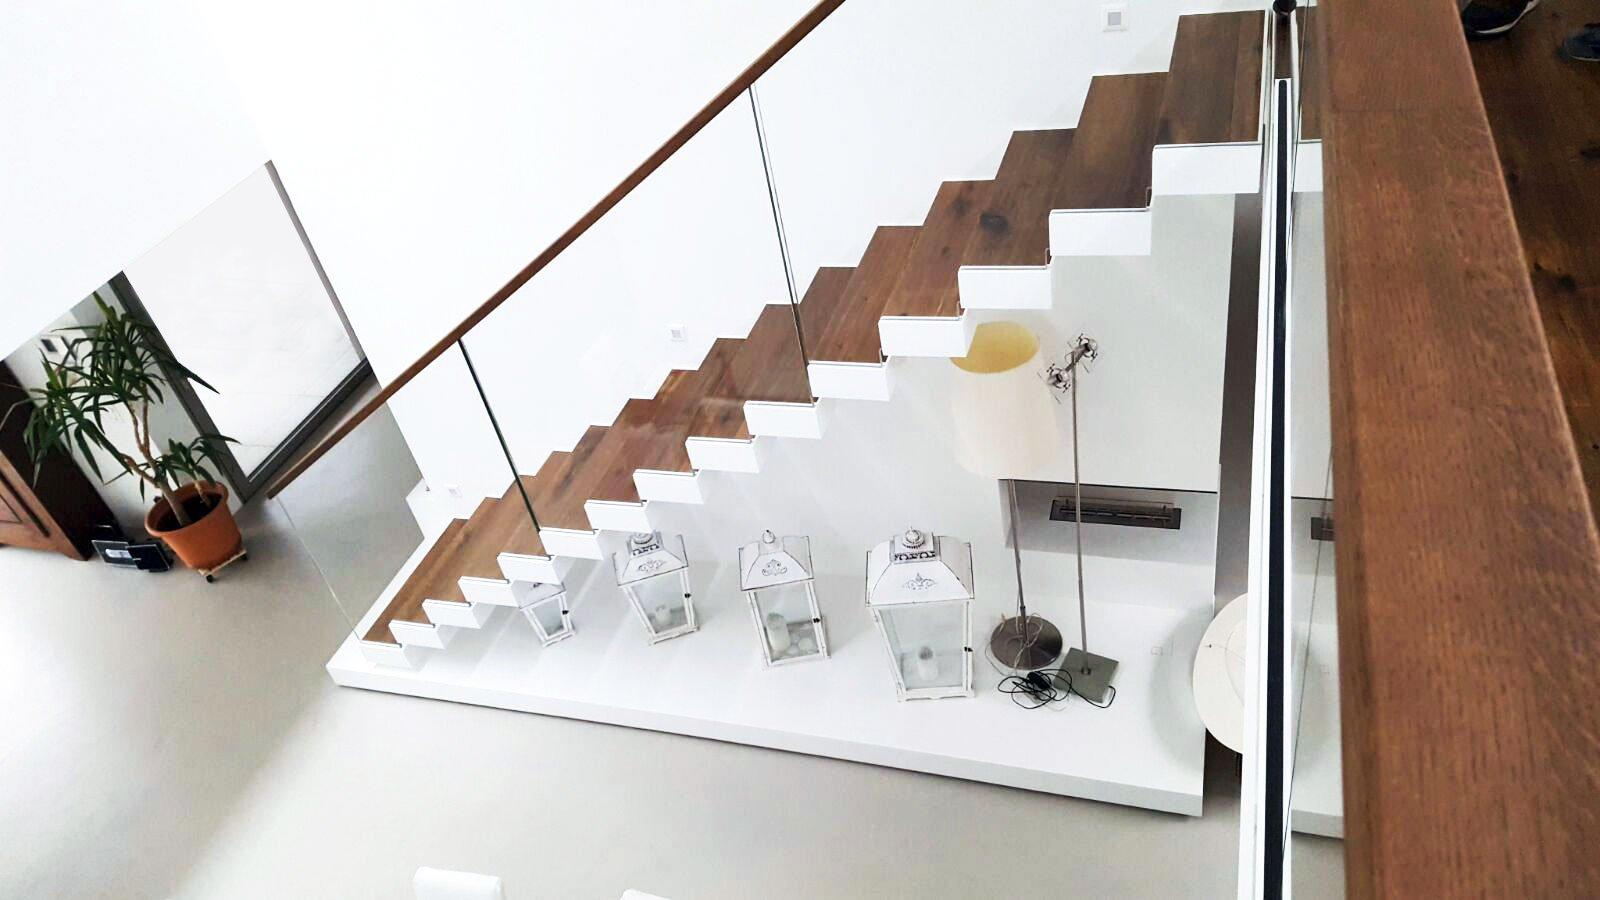 scala in ferro a sbalzo su misura con balaustra in vetro di qualità extrachiara, corredata di corrimano in legno di noce